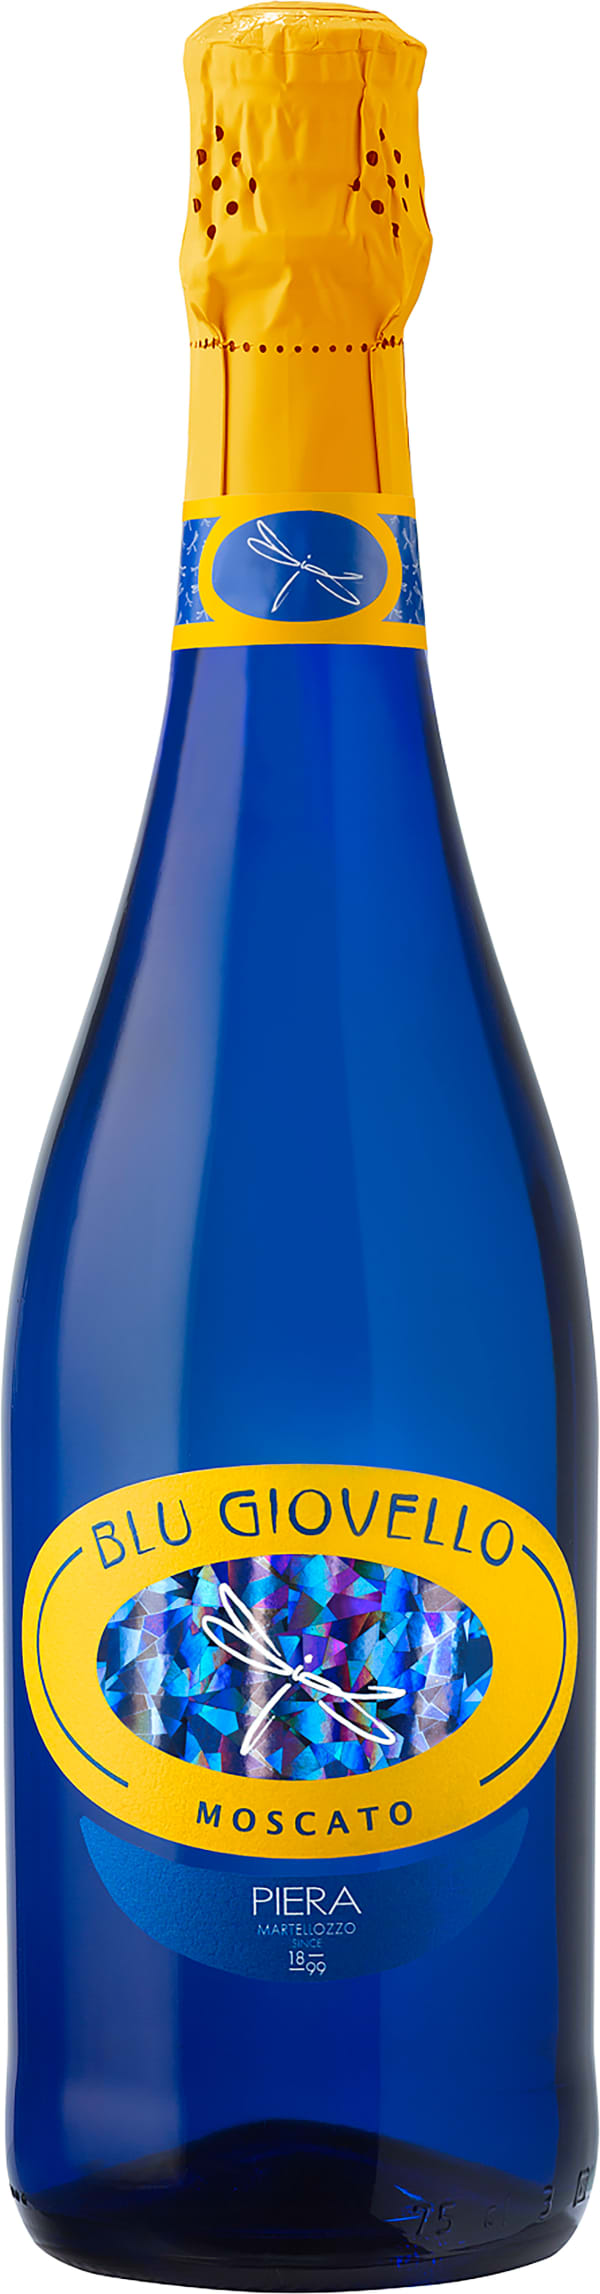 Blu Giovello Moscato Dolce